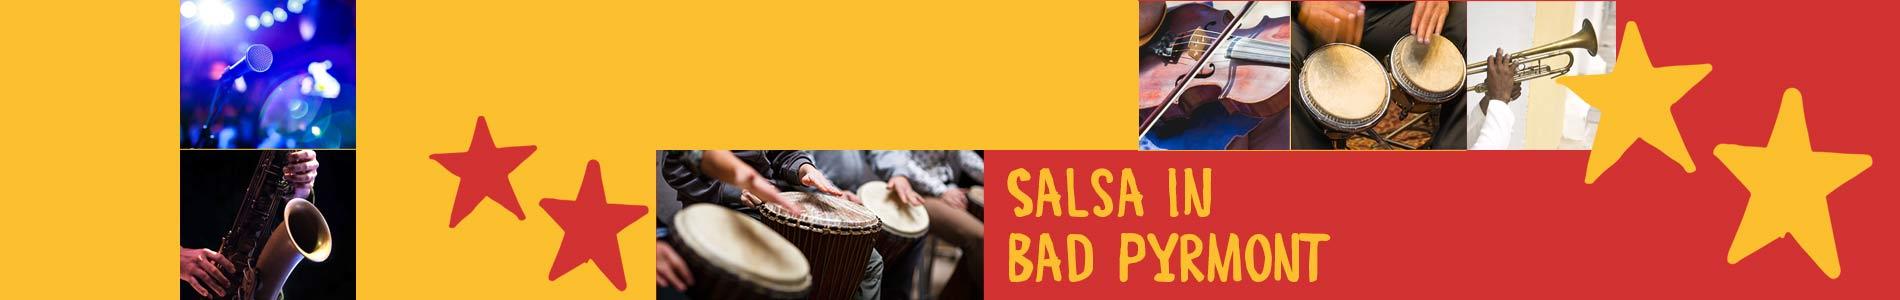 Salsa in Bad Pyrmont – Salsa lernen und tanzen, Tanzkurse, Partys, Veranstaltungen